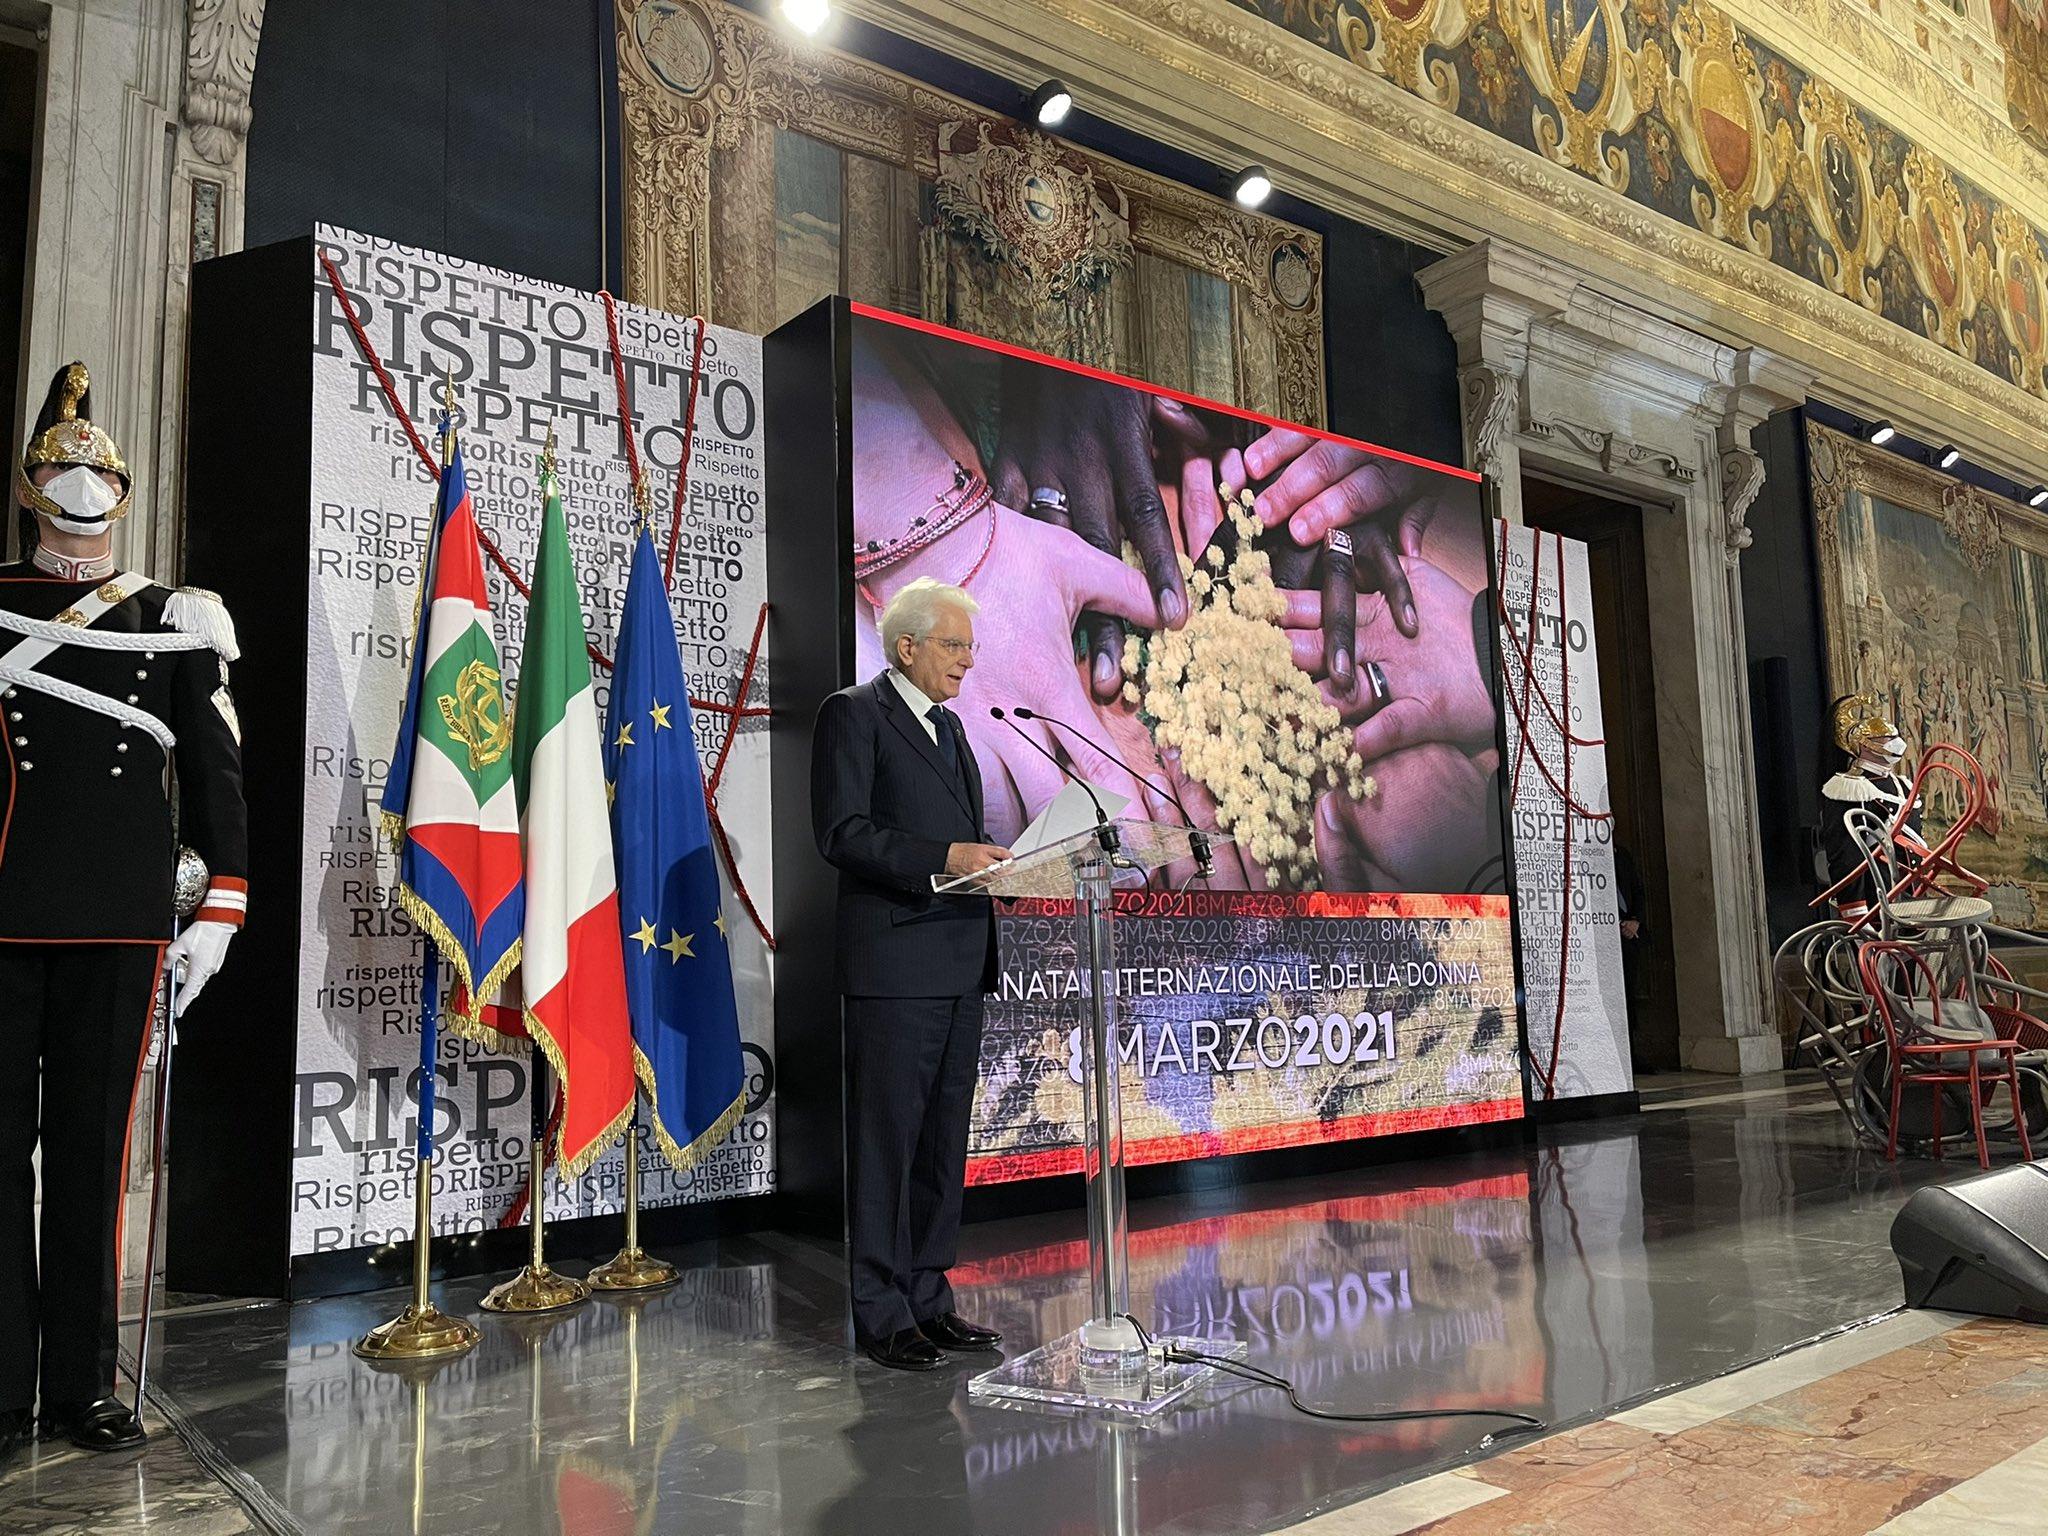 """Festa della donna, Mattarella: """"L'amore, quello autentico, si basa sul rispetto e la condivisione"""""""